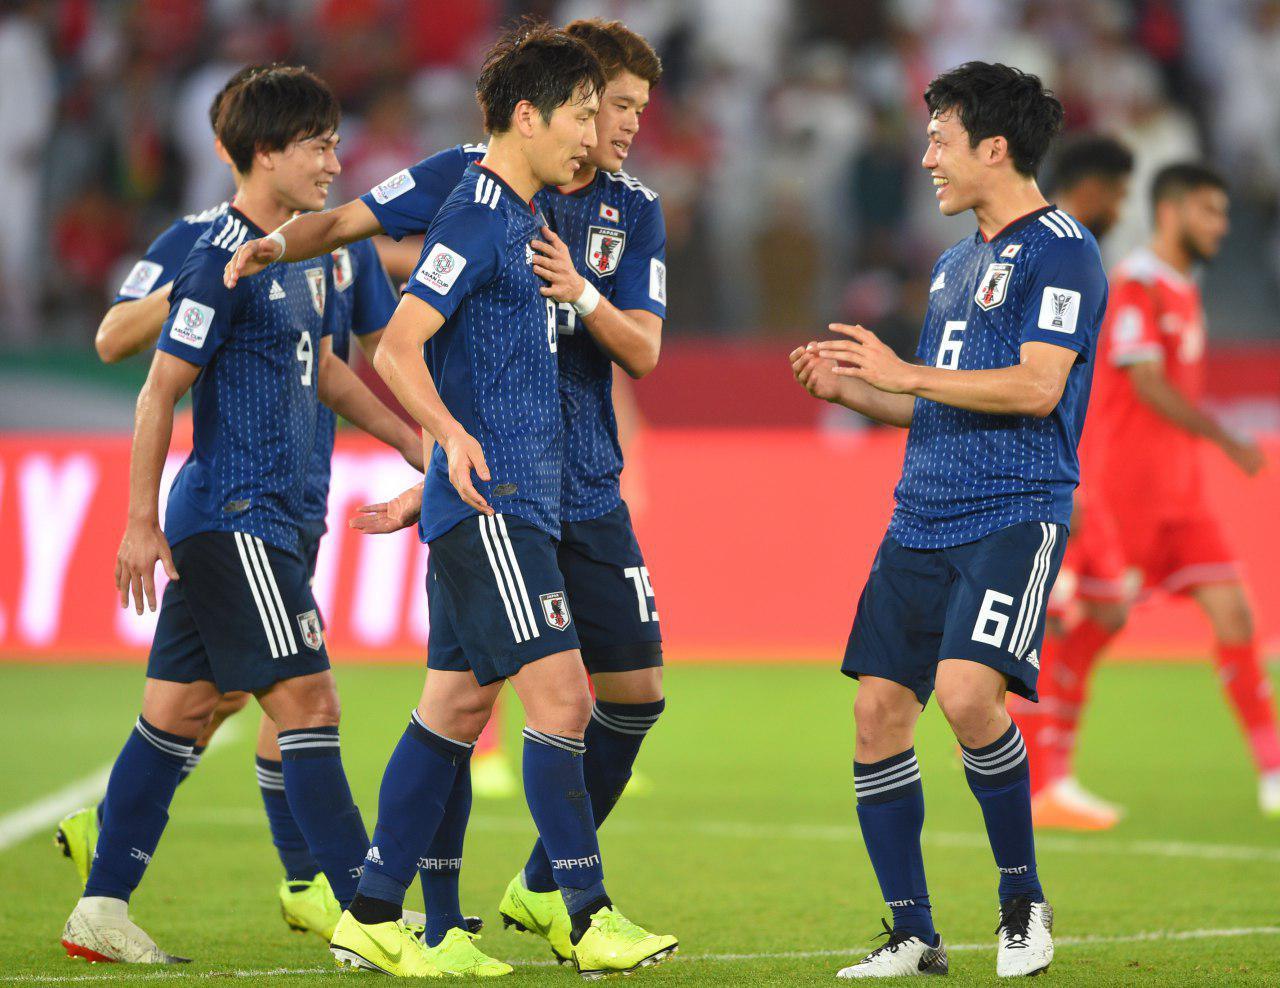 ژاپن 1 - عمان 0/پیروزی و قطعی شدن صعود، هدیه داور به سامورایی ها